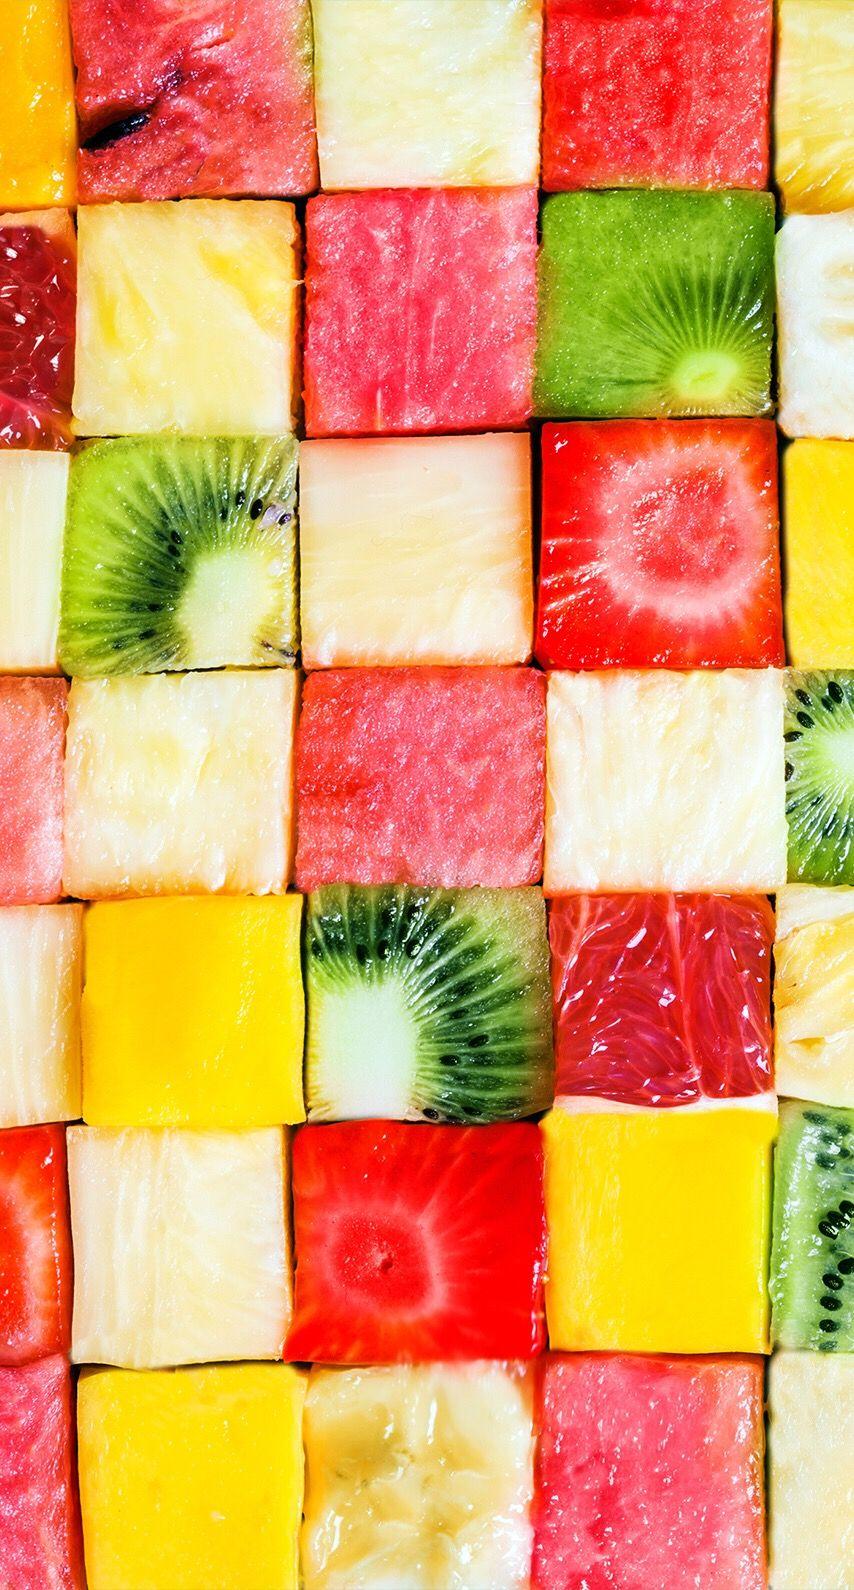 見て楽しい食べて美味しいフルーツ盛り フルーツ 夏 フルーツ 壁紙